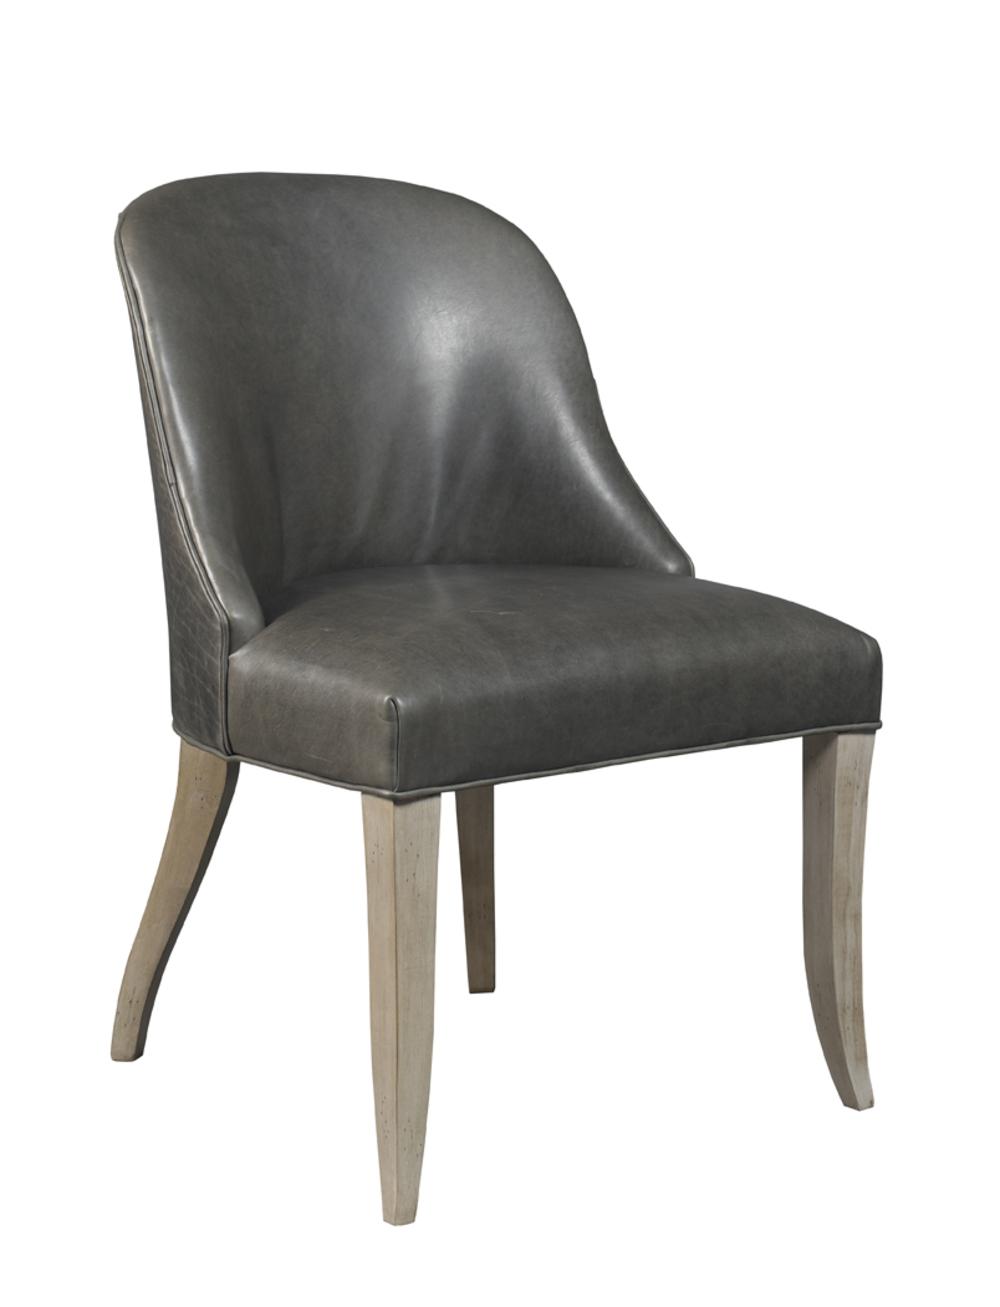 Lillian August Fine Furniture - Elsa Chair